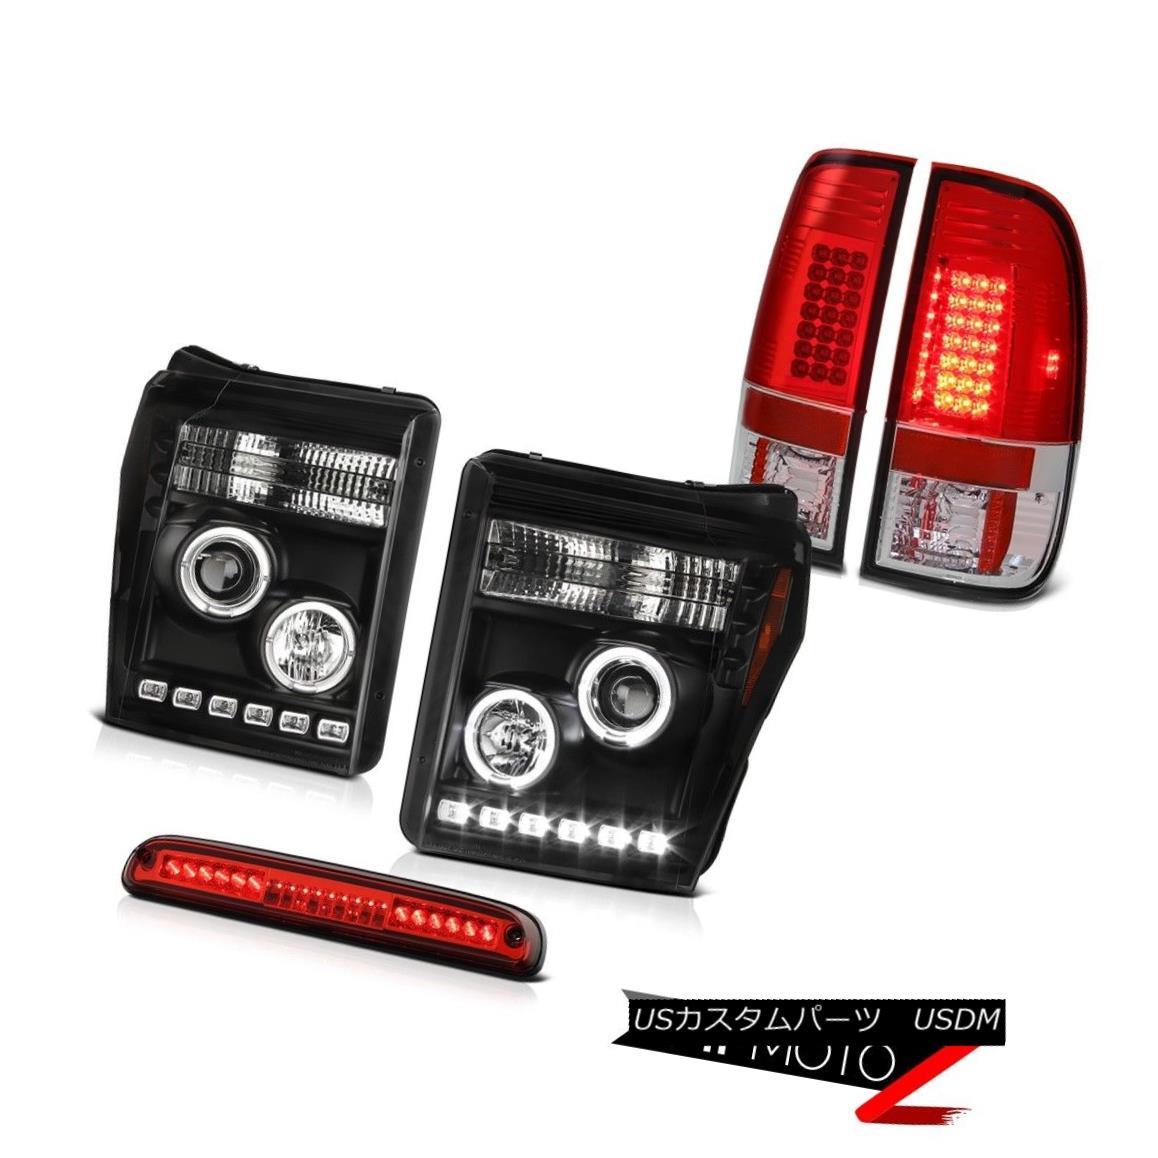 テールライト 11-16 F250 Turobdiesel High Stop Lamp Tail Brake Lights Raven Black Headlights 11-16 F250ターボディーゼルハイストップランプテールブレーキライトレイヴンブラックヘッドライト